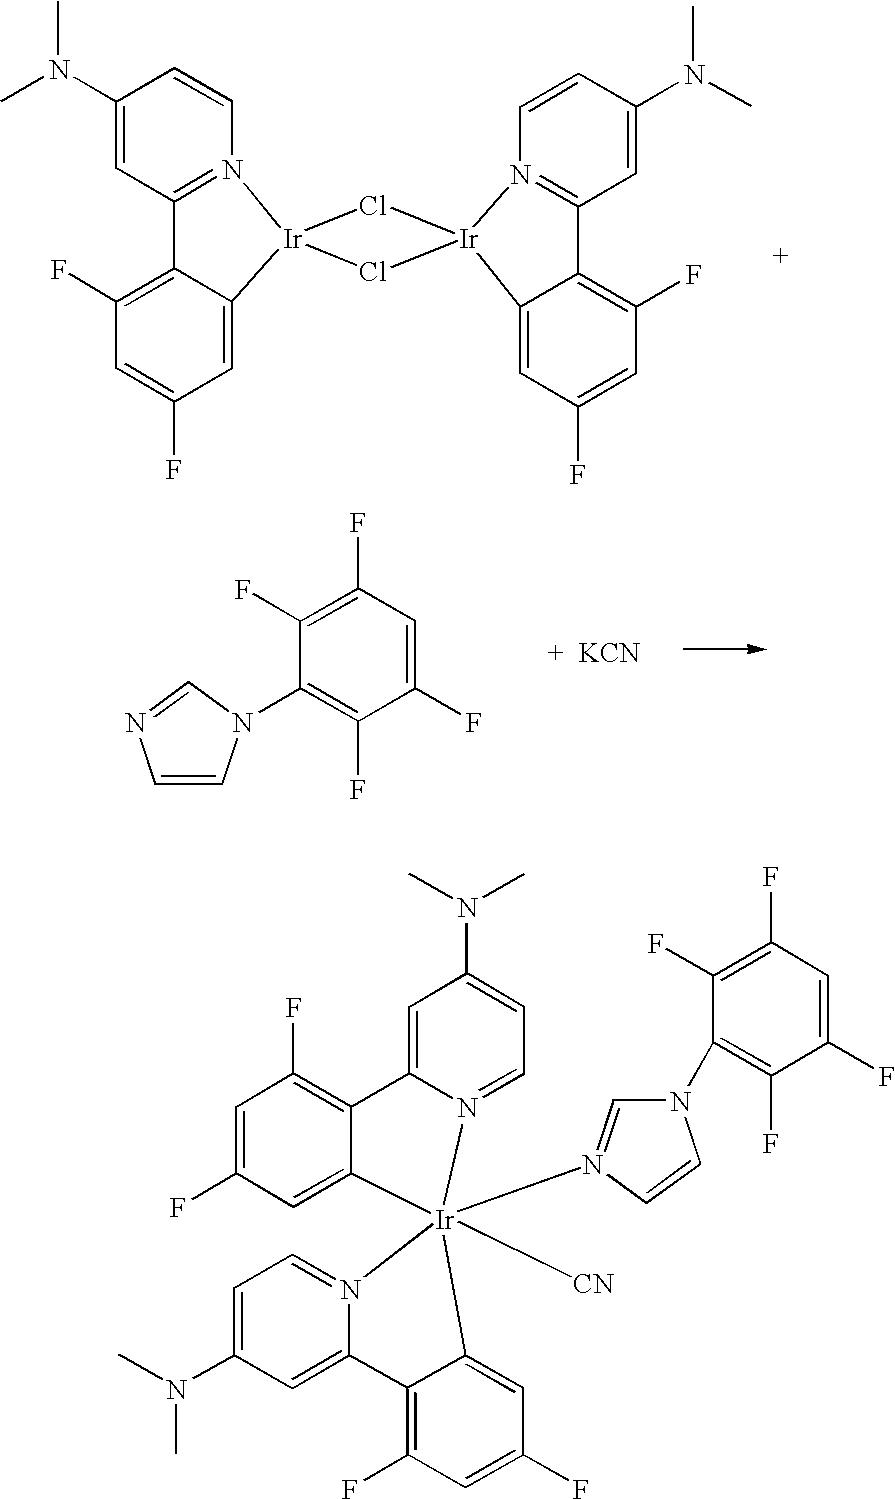 Figure US20050112406A1-20050526-C00029